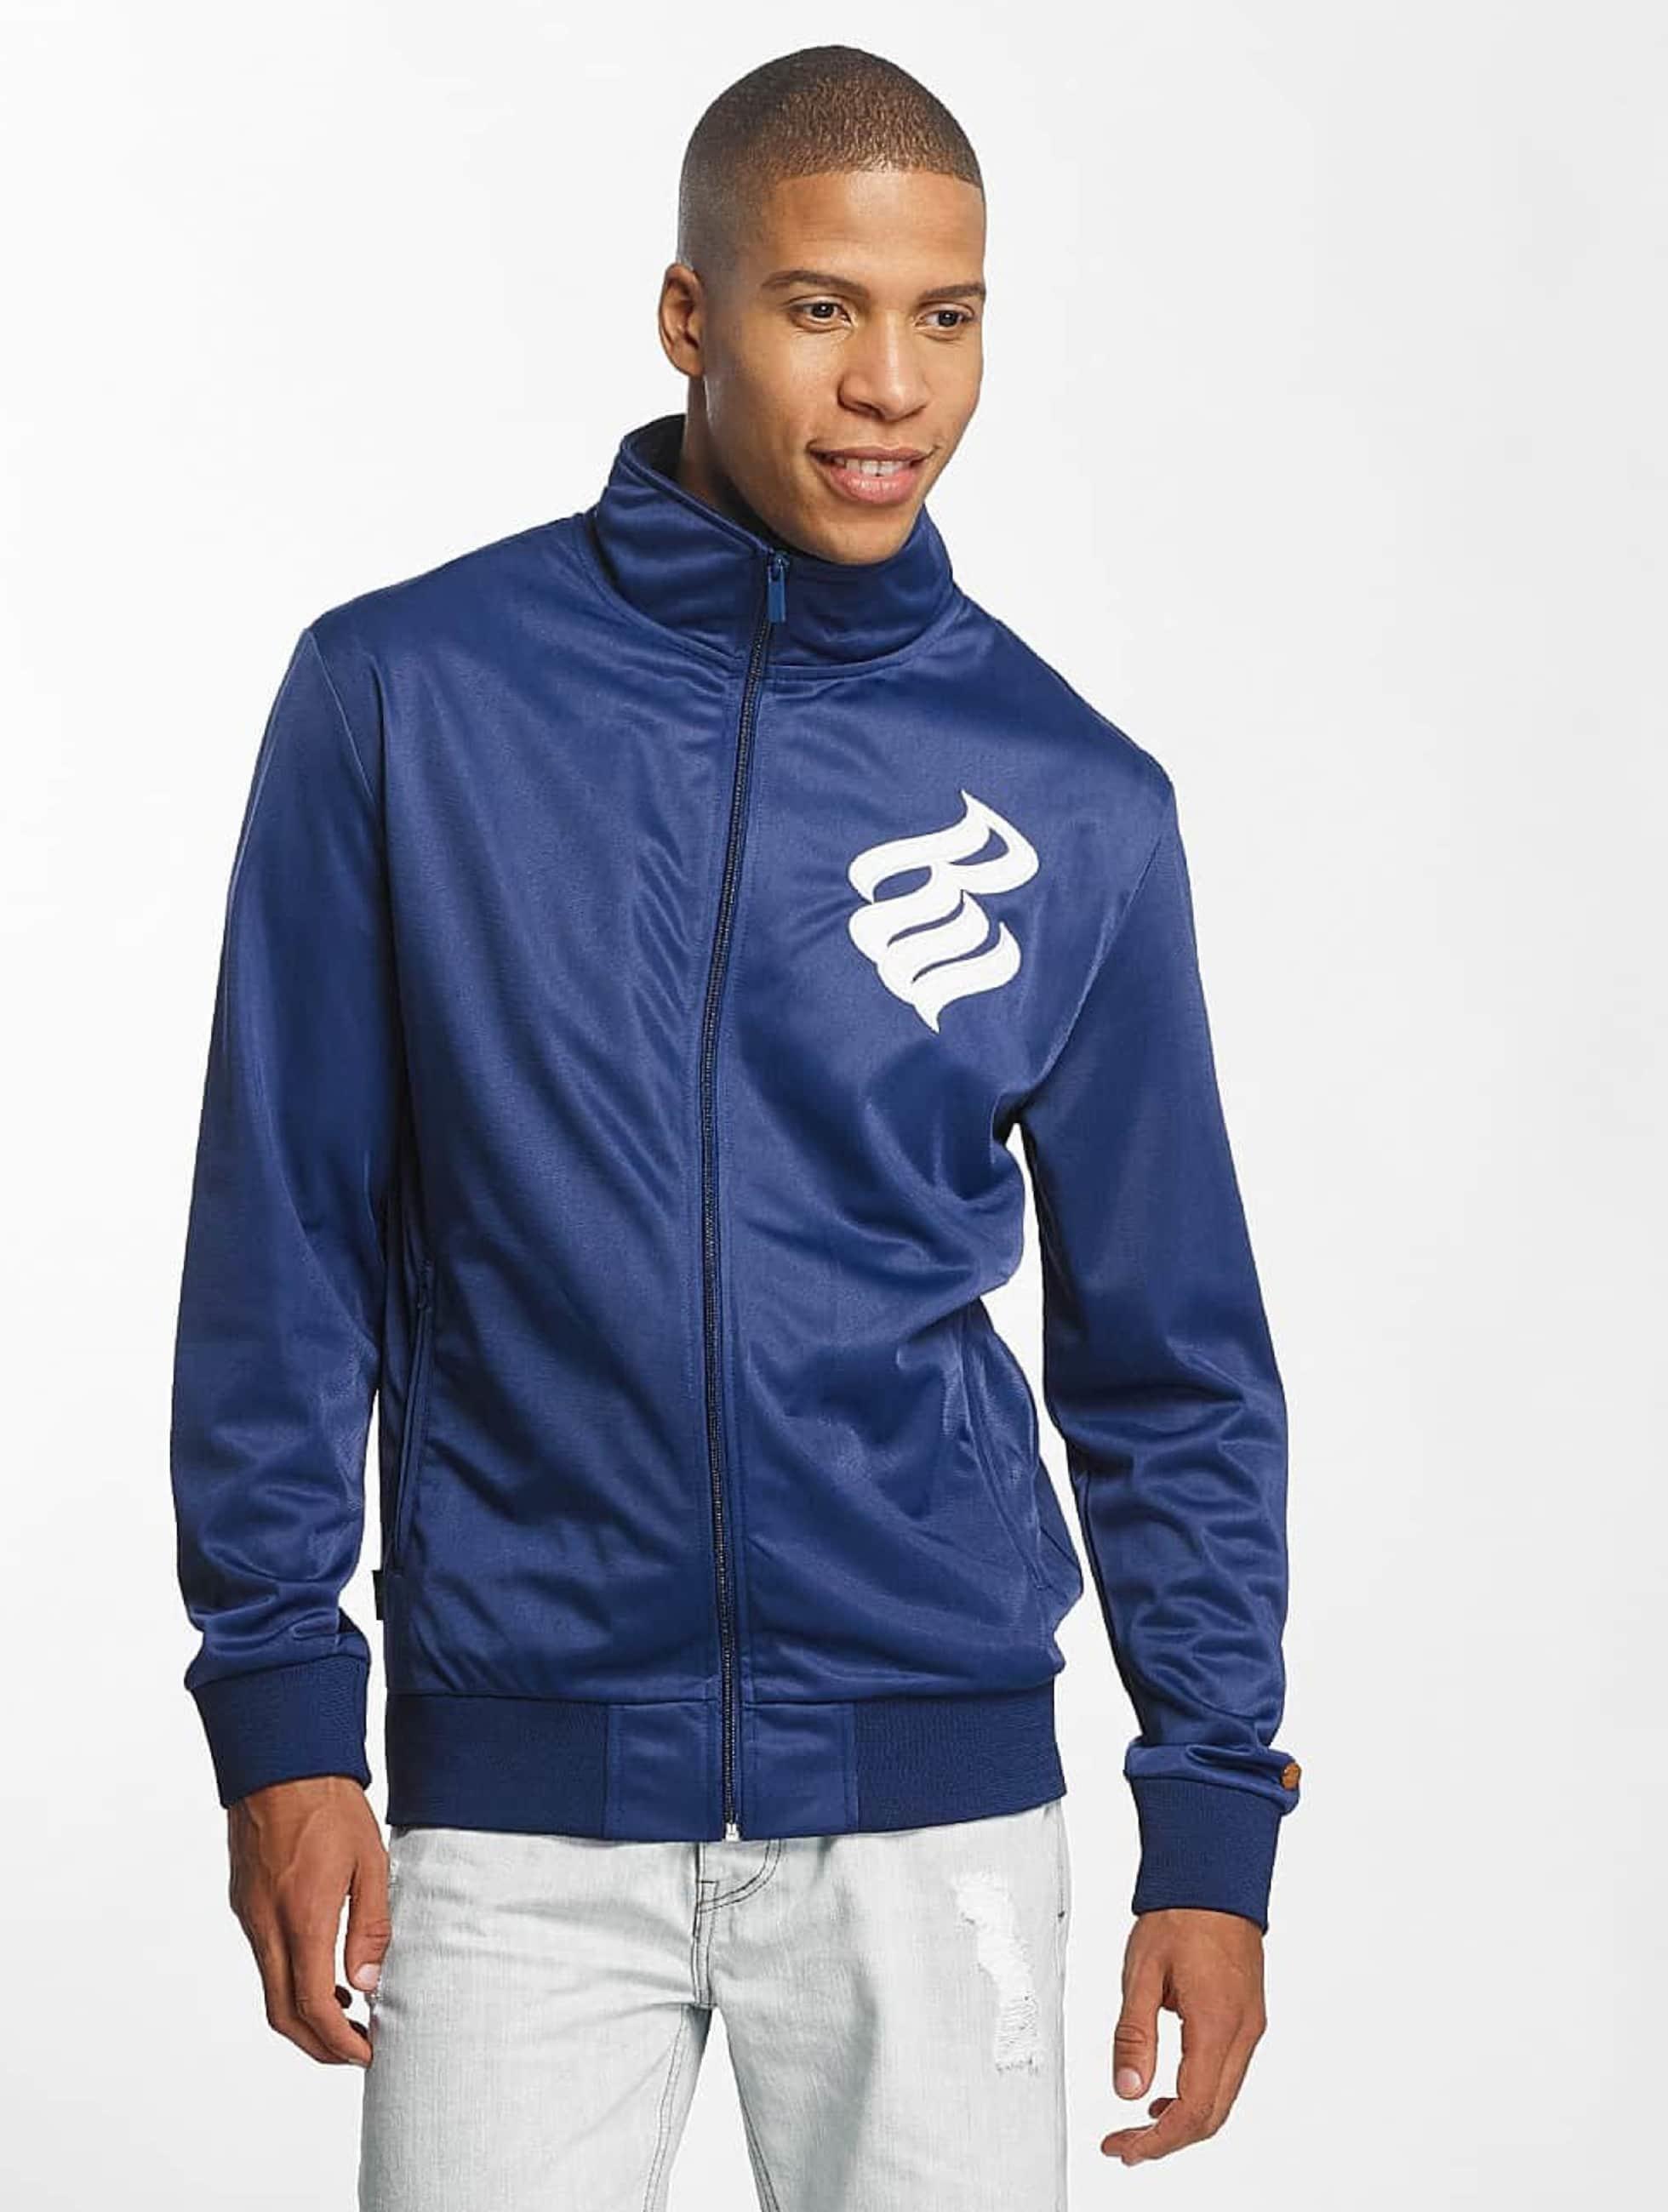 Rocawear / Lightweight Jacket Fly in blue XL